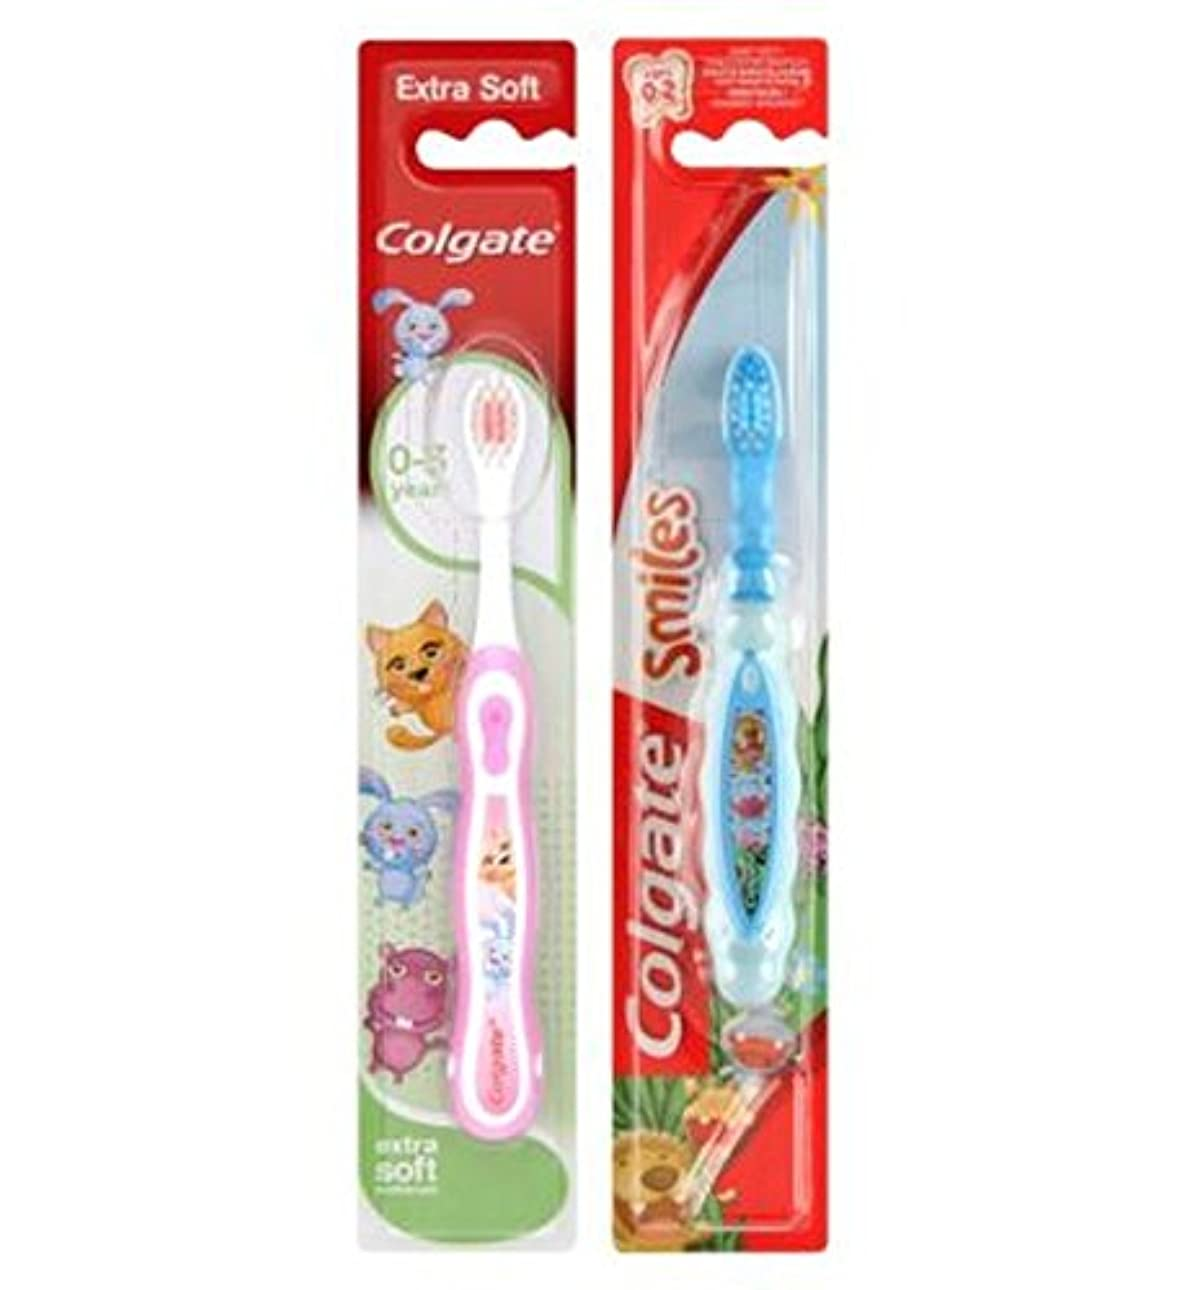 信念特に省略コルゲート私の最初の歯ブラシ (Colgate) (x2) - Colgate My First Toothbrush (Pack of 2) [並行輸入品]